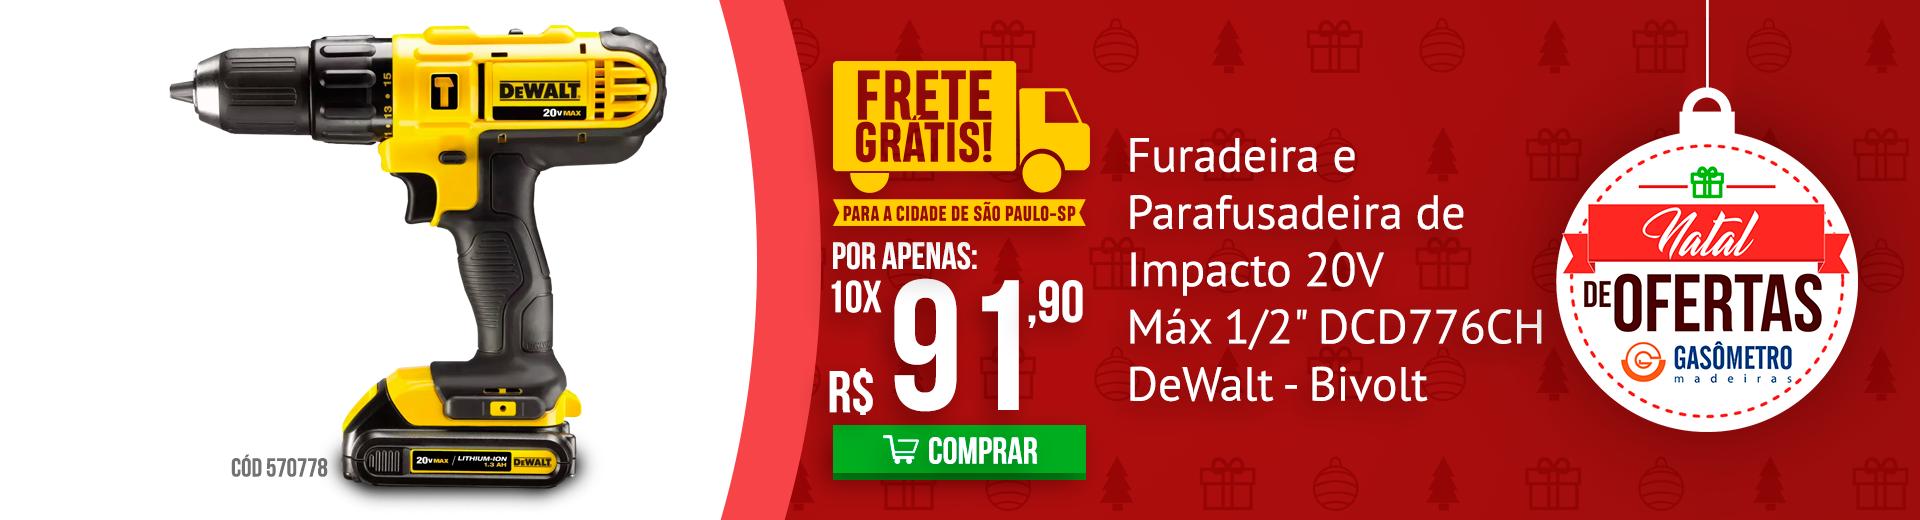 Paraf/Furadeira